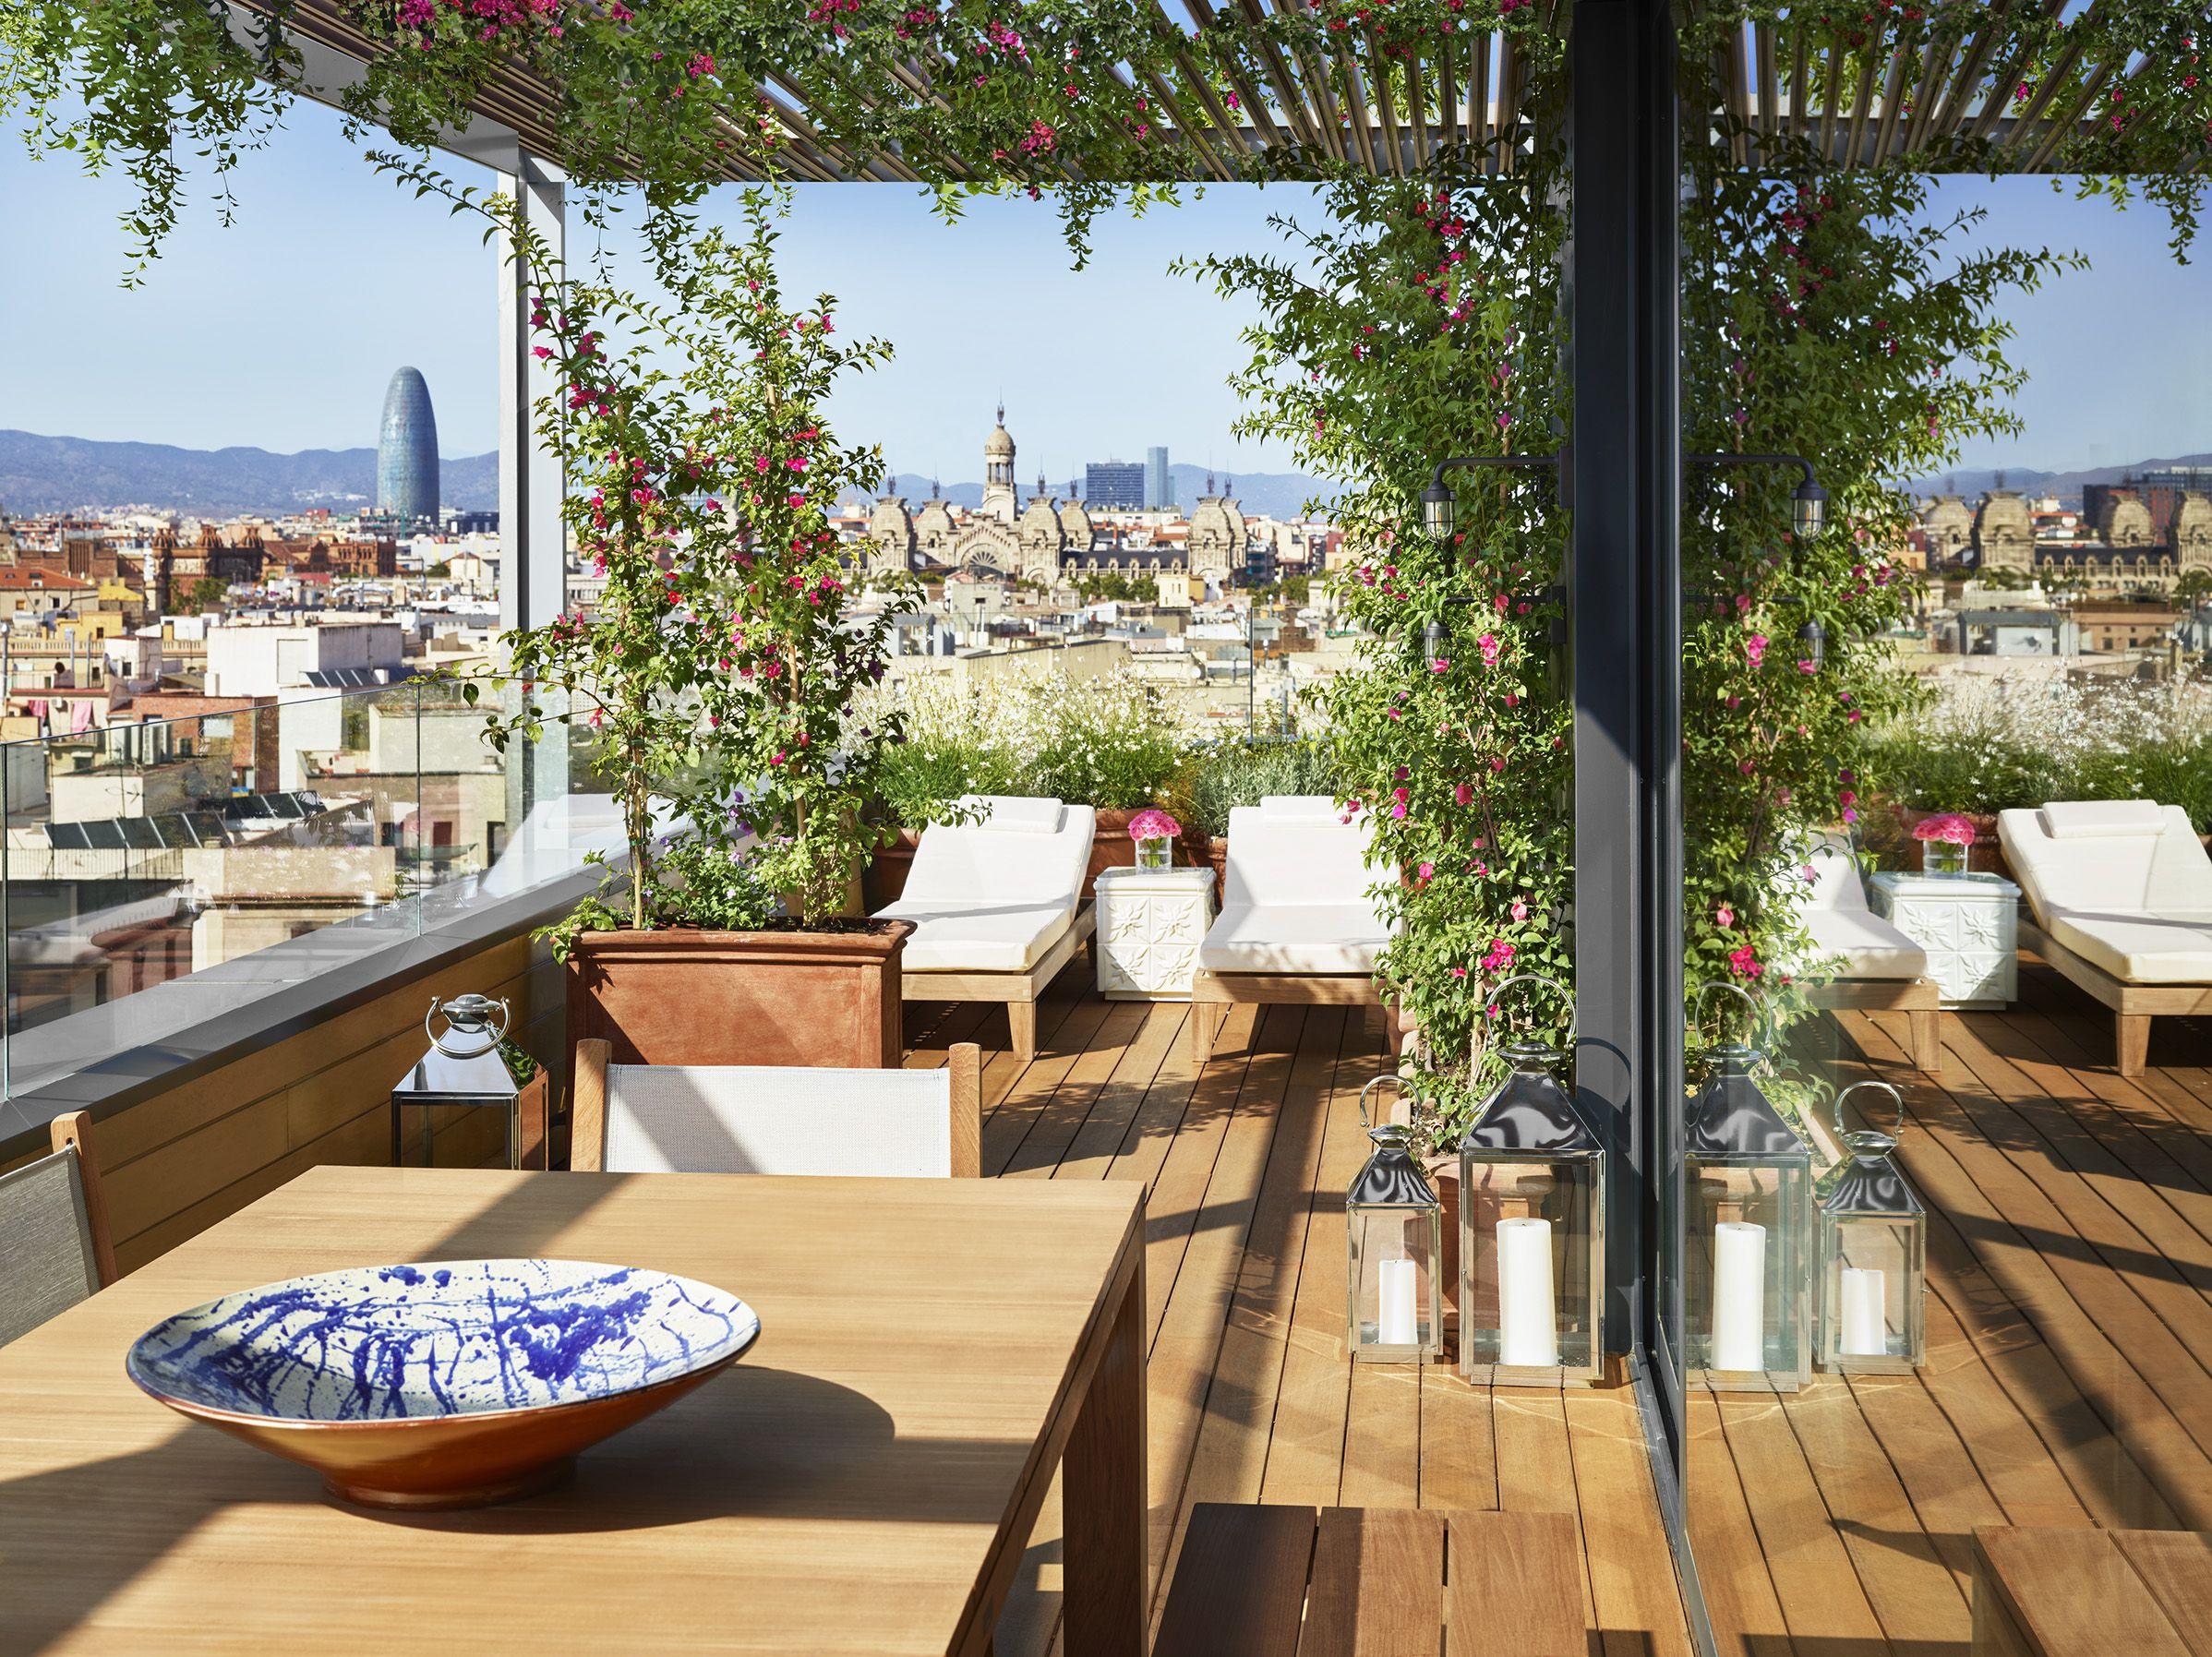 Santa Caterina Penthouse Outdoor Terrace Outdoor Outdoor Decor Decor